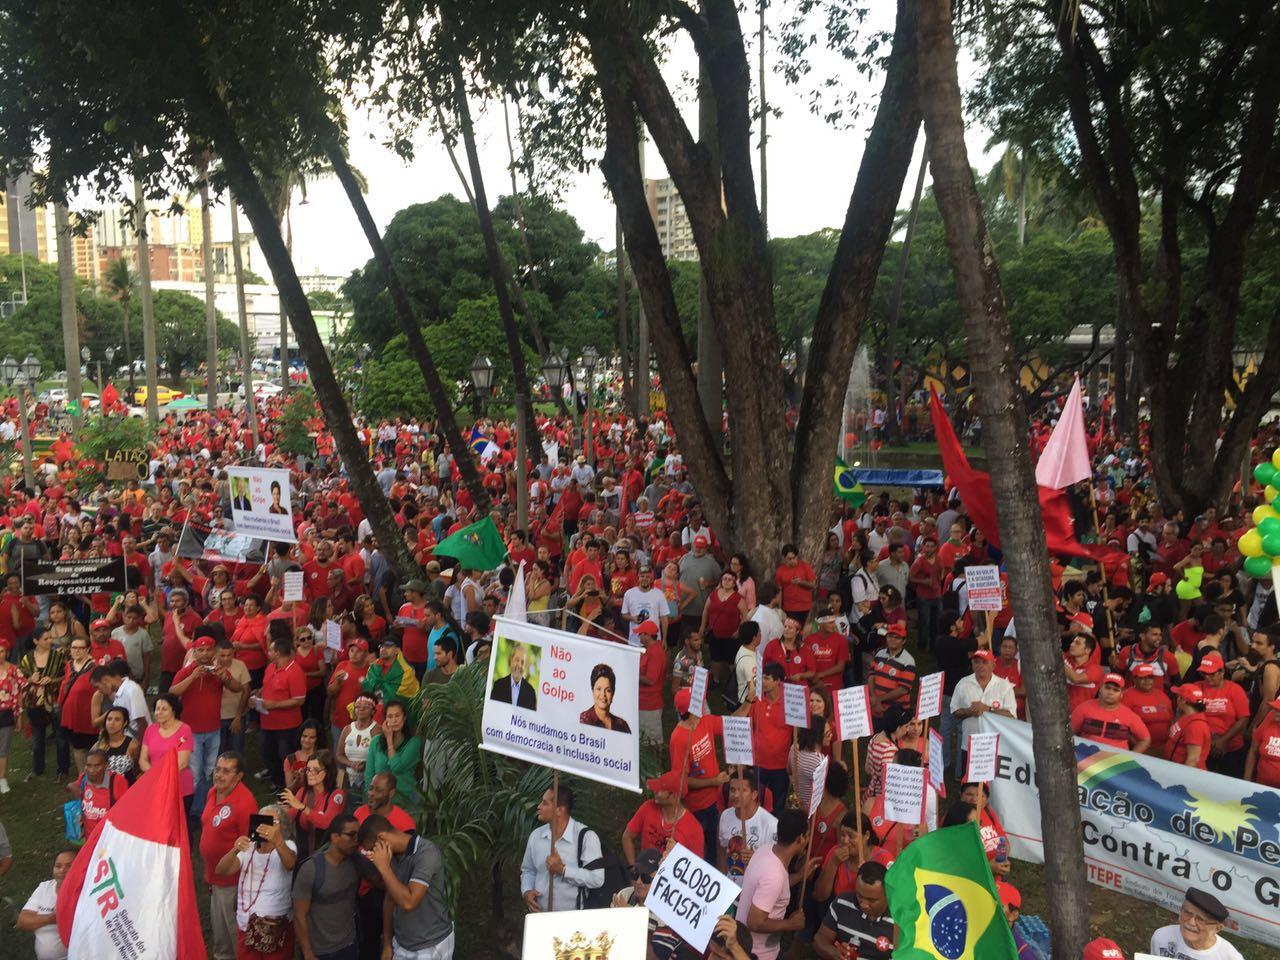 Humberto: É uma ação da população que sabe como é grave atacar o estado democrático de direito. Foto: Assessoria de Imprensa